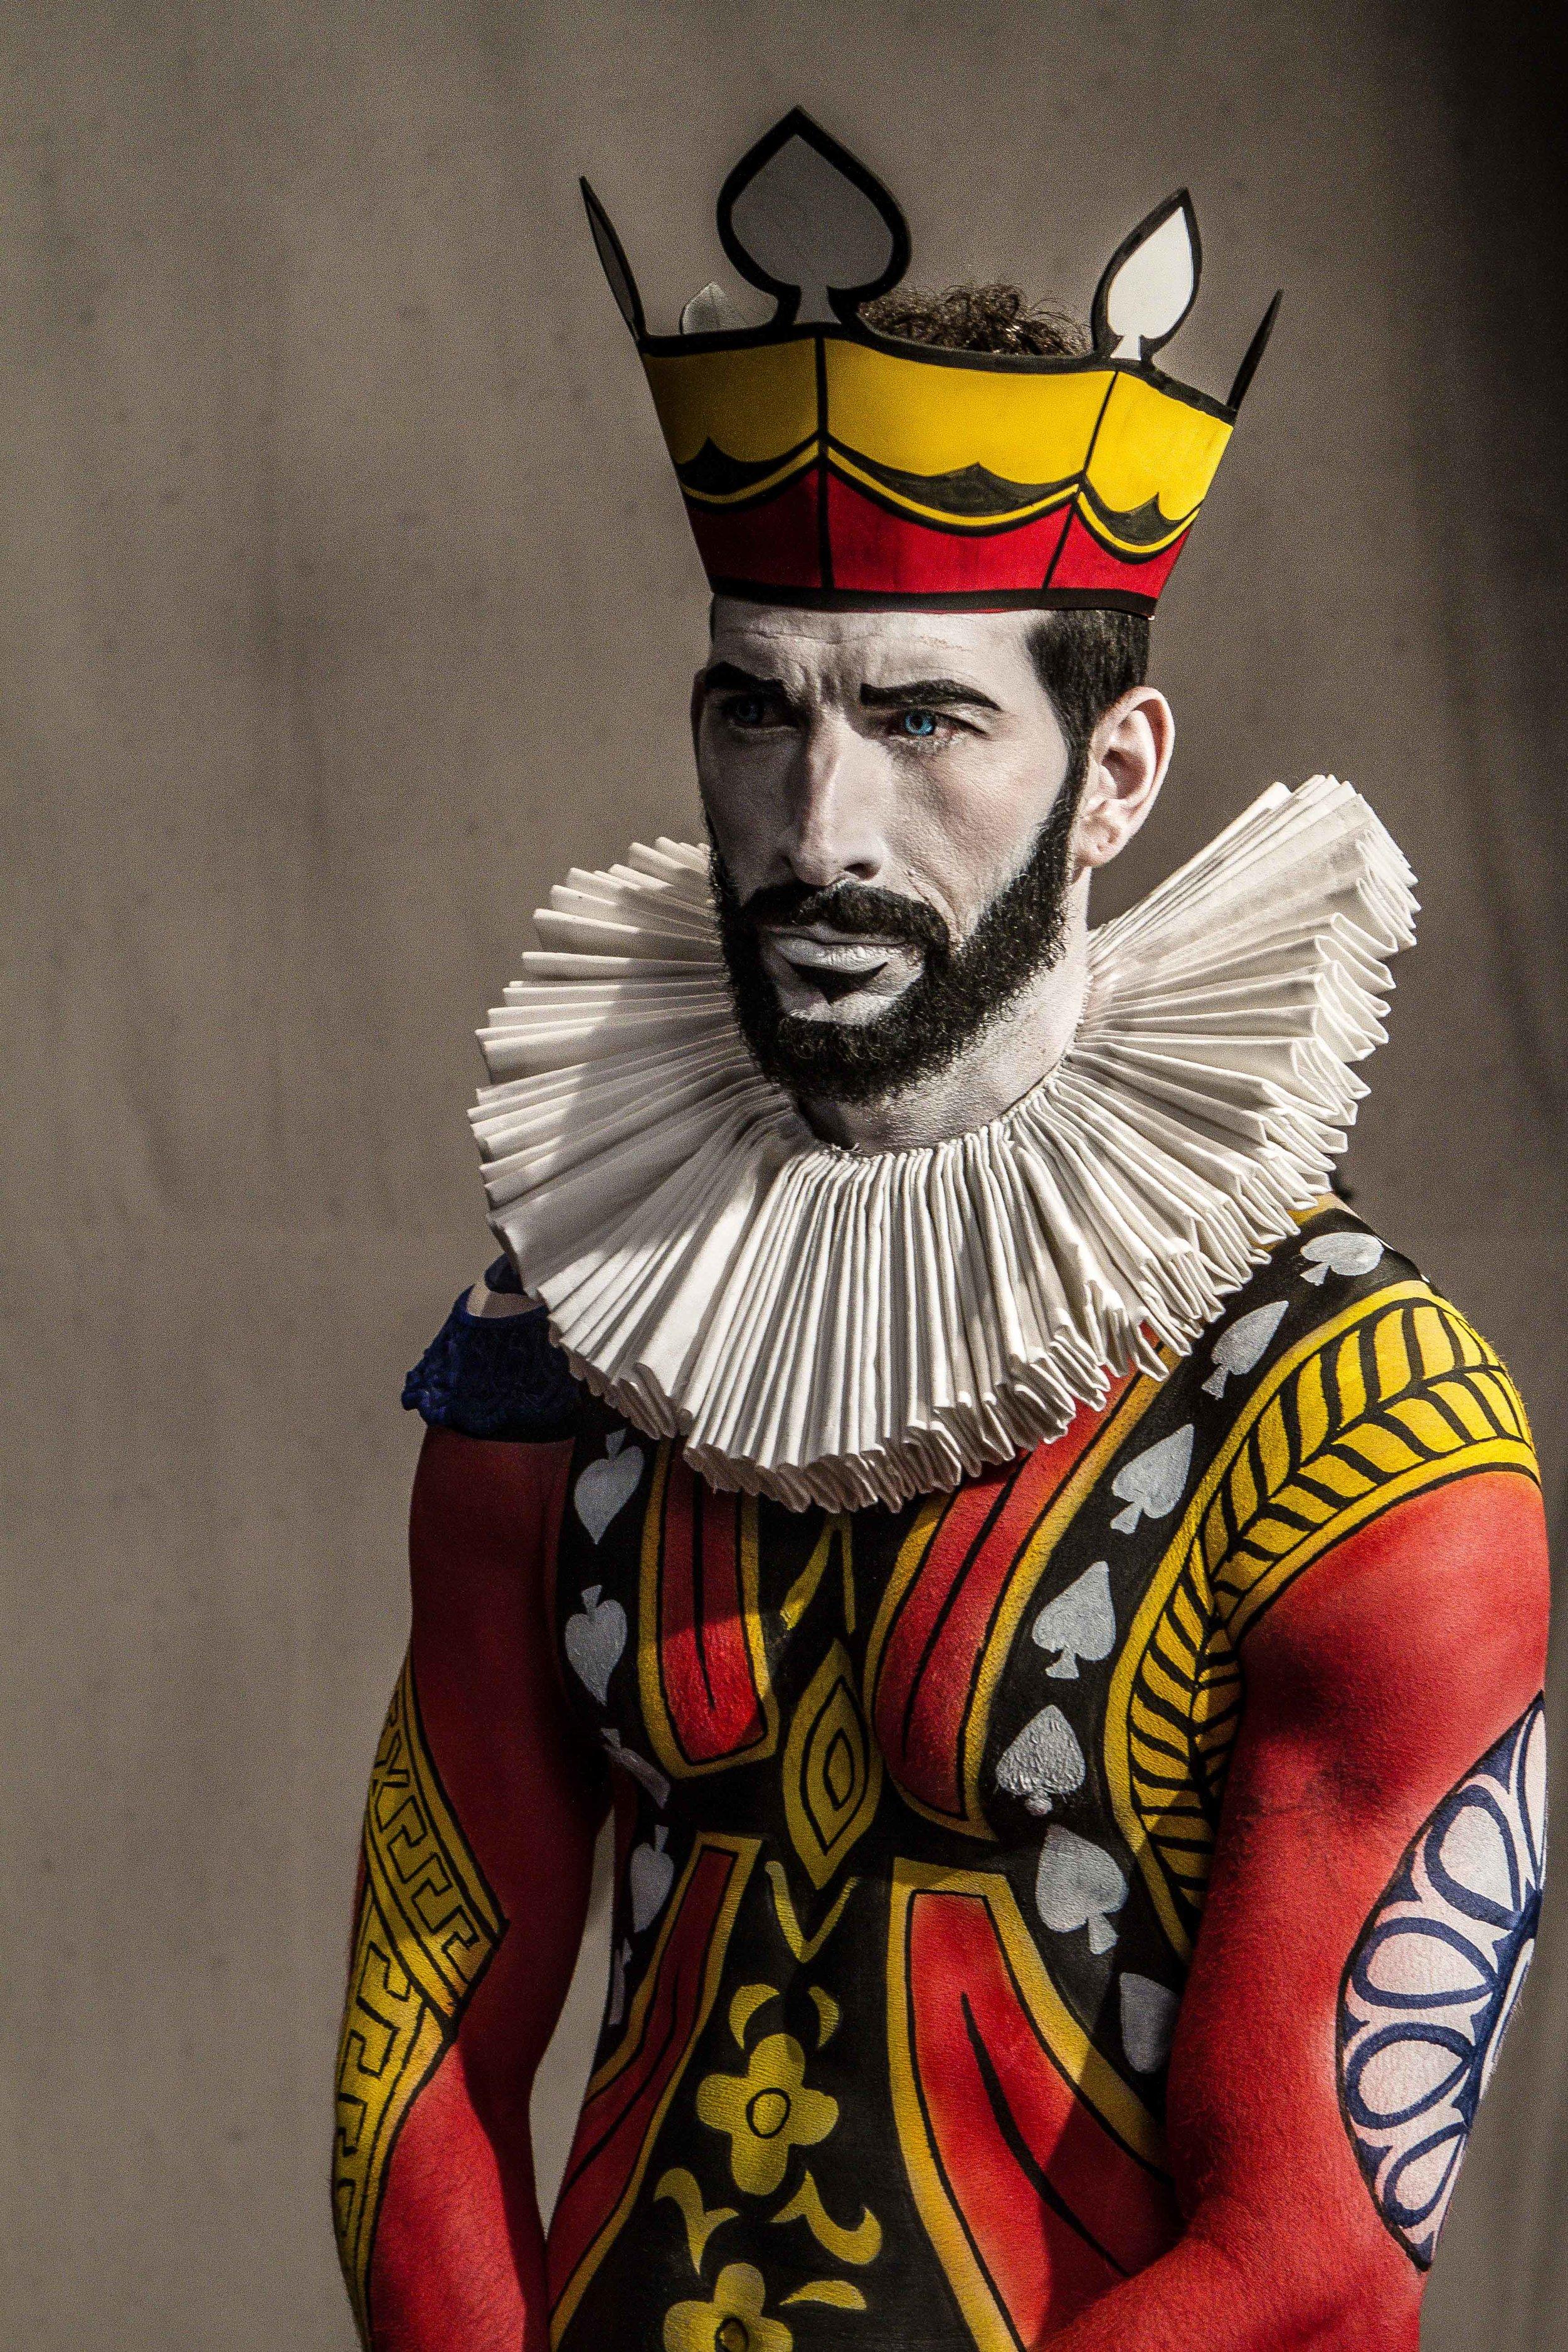 IMATS 2017 - The King Bodypainting Special Effects Makeup (www.KyleReaArt.com - www.KyleReaPhotography.com) 27.jpg